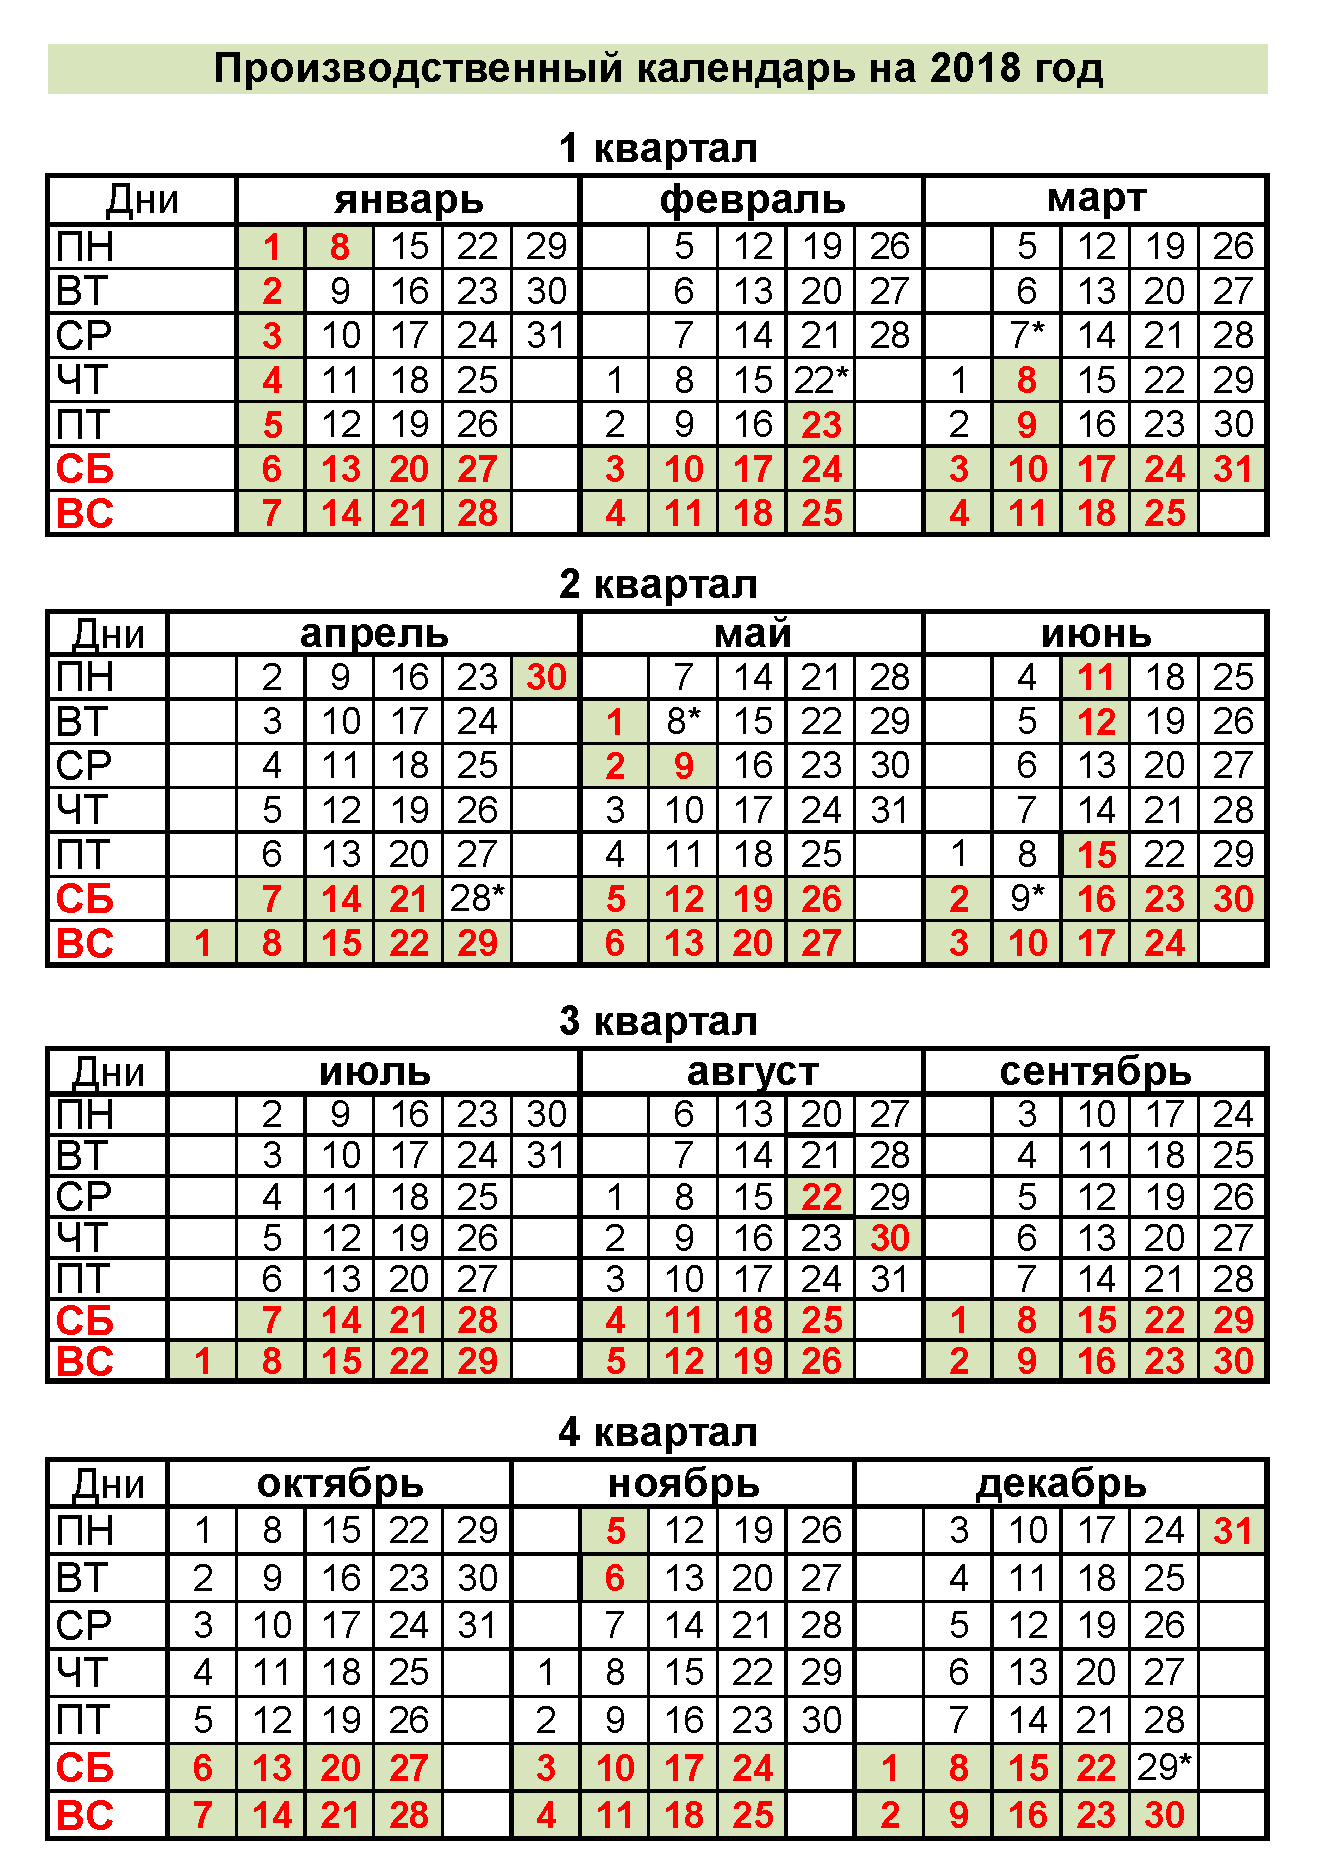 Праздники 2018 нерабочие дни календарь